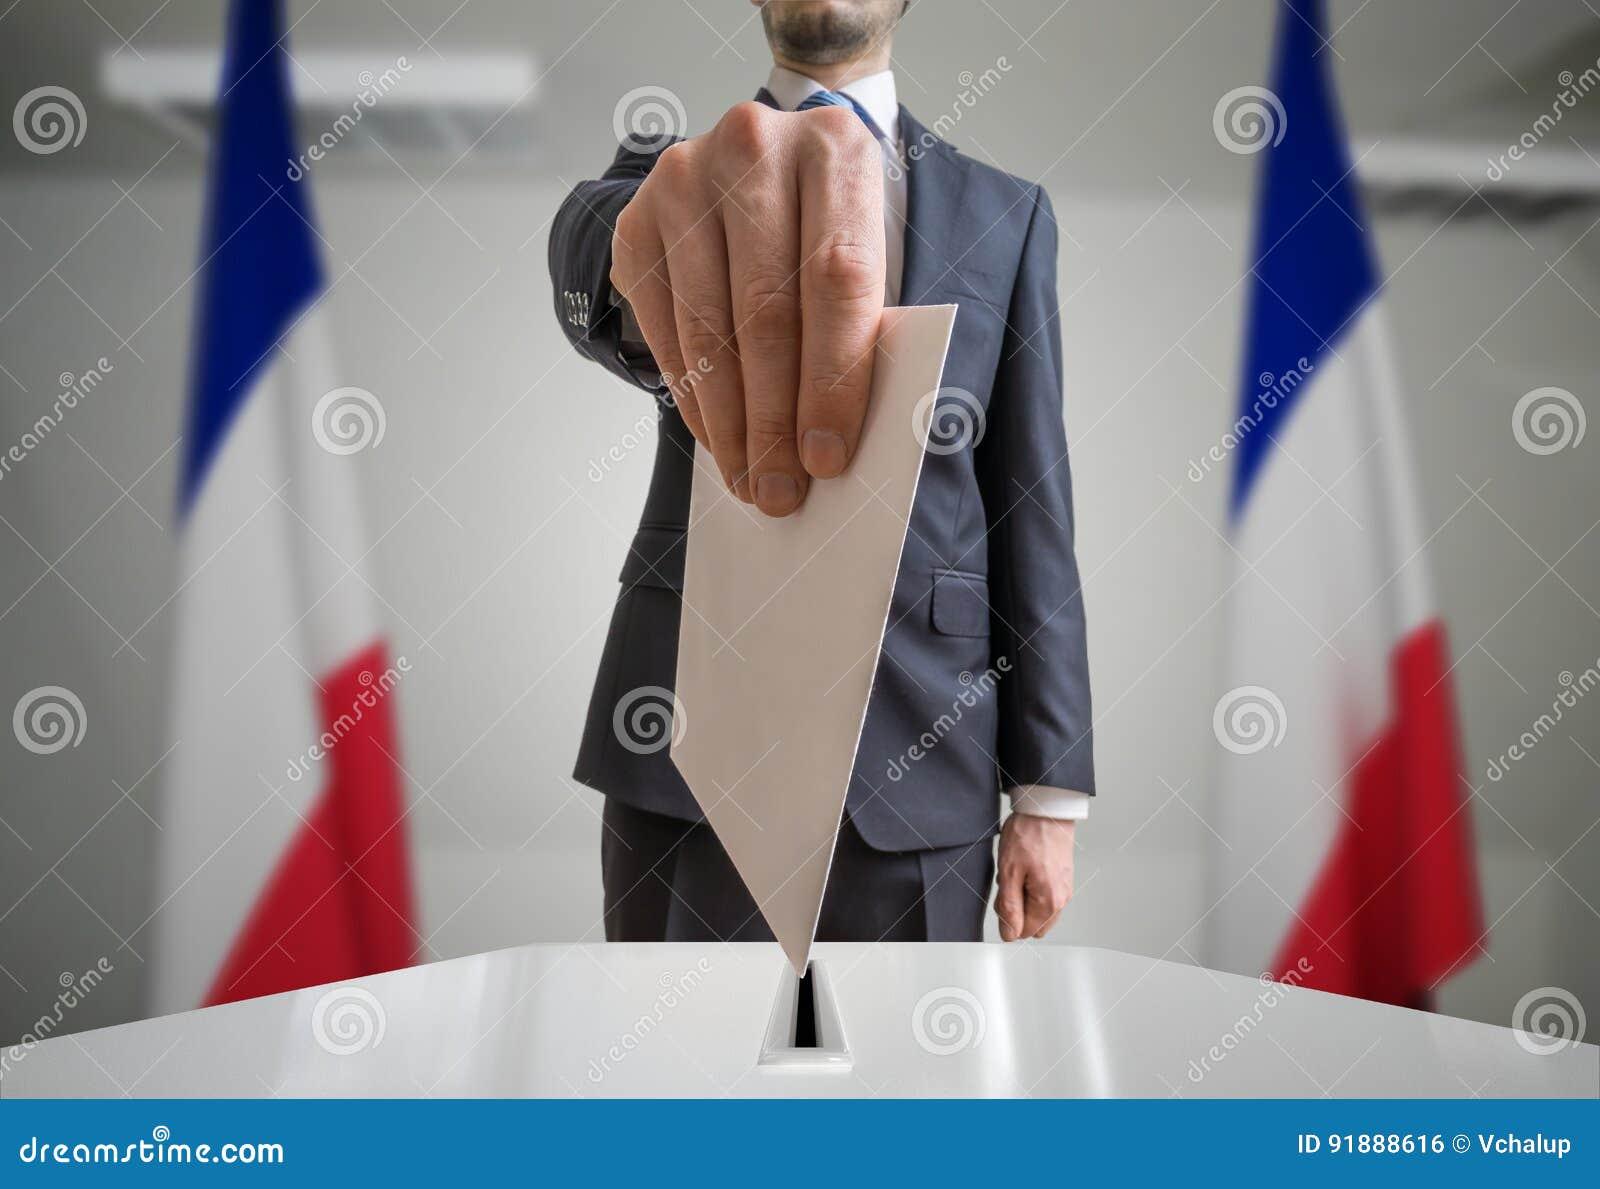 Избрание в Франции Избиратель держит конверт в руке над шариком голосования Широкоформатная съемка